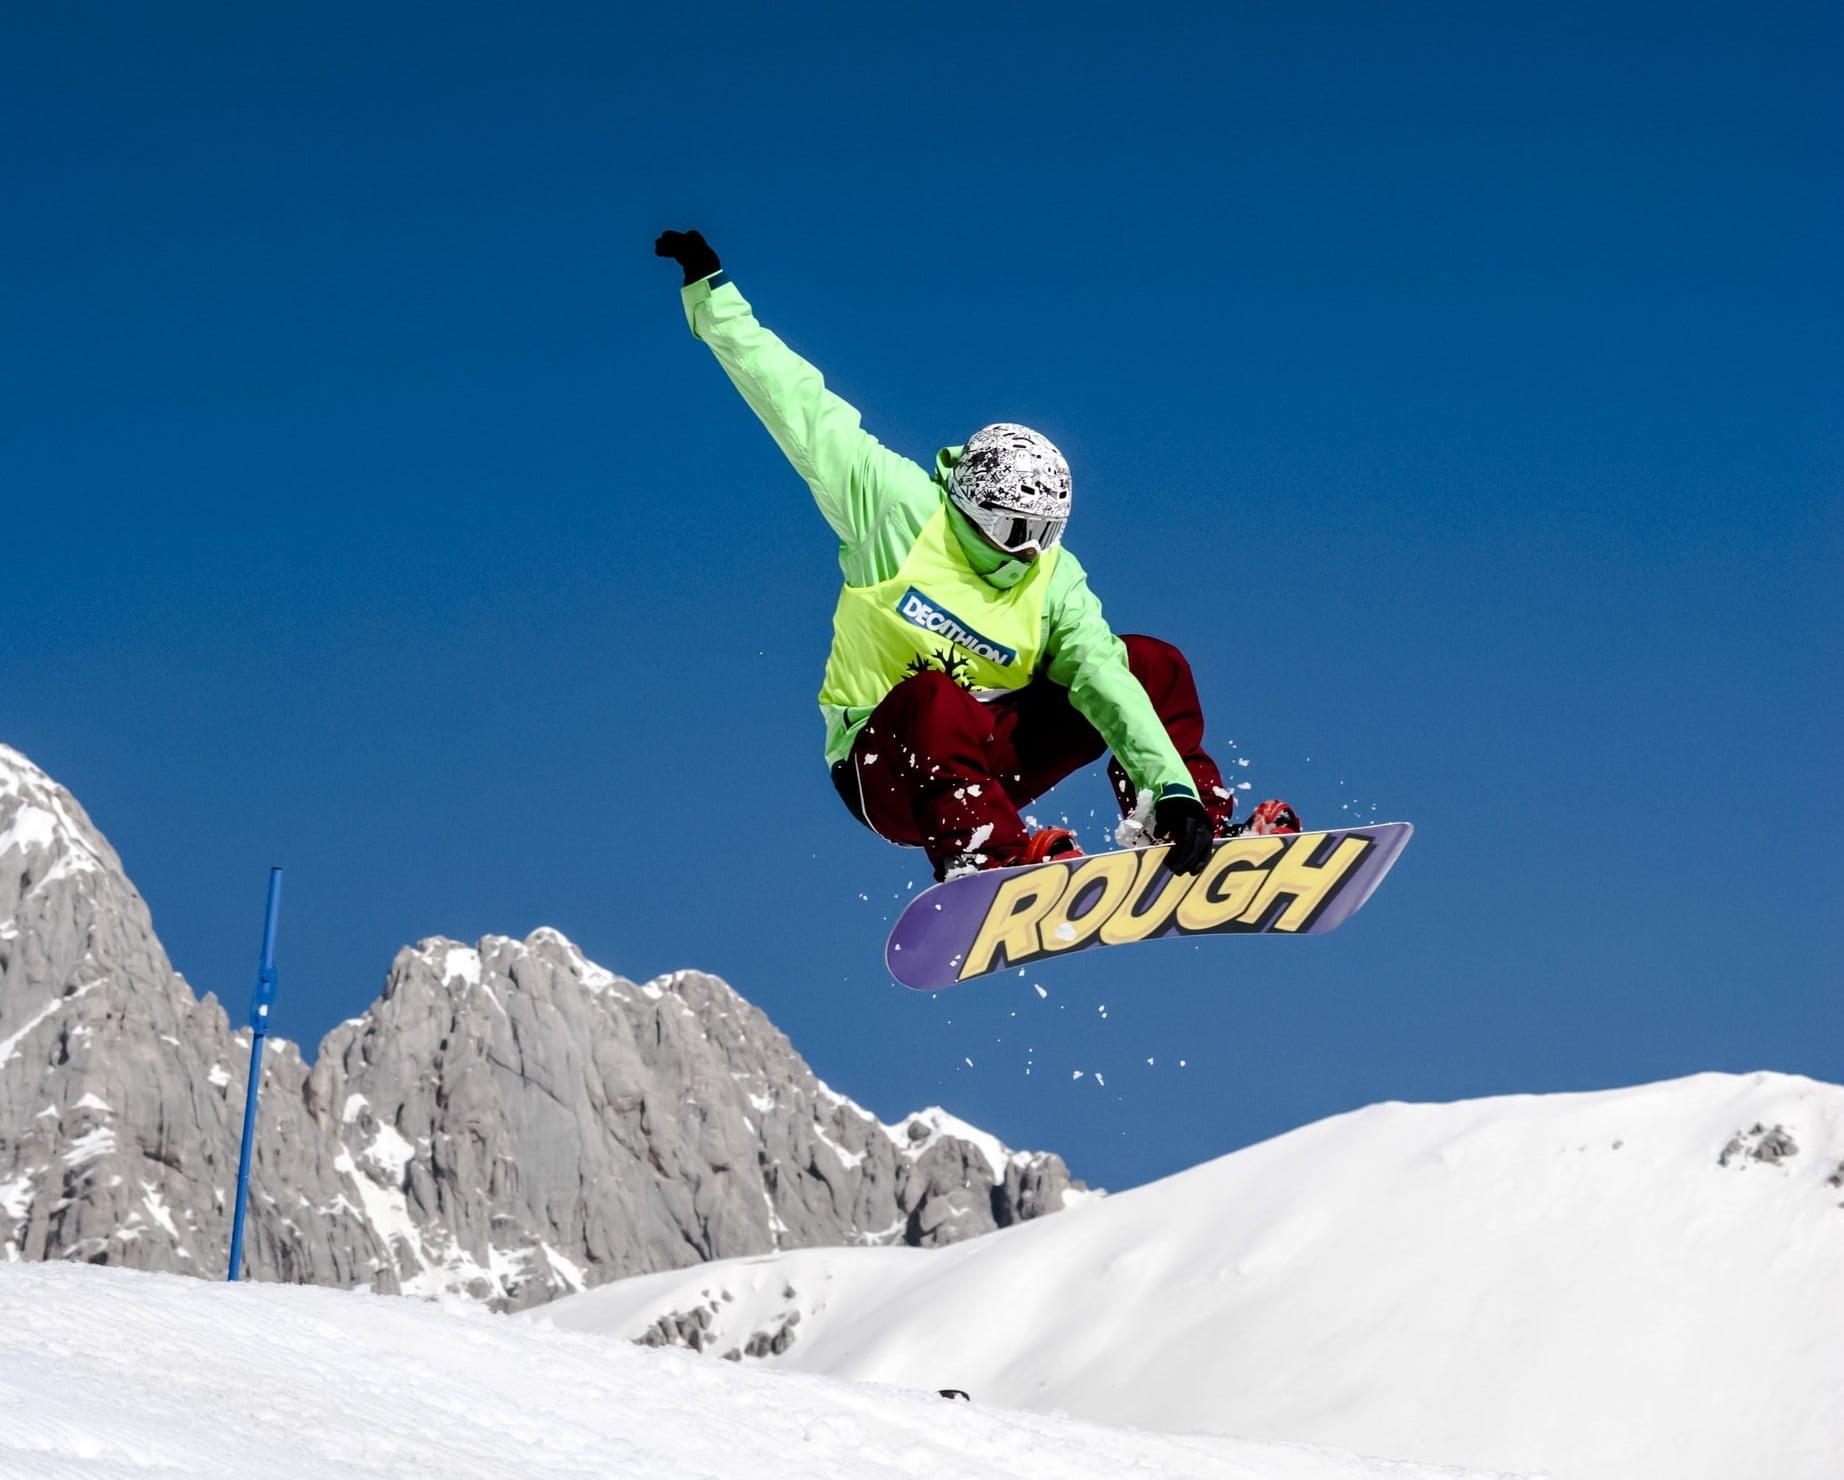 Afbeelding Freestyle Snowboarder die Indy Grab doet